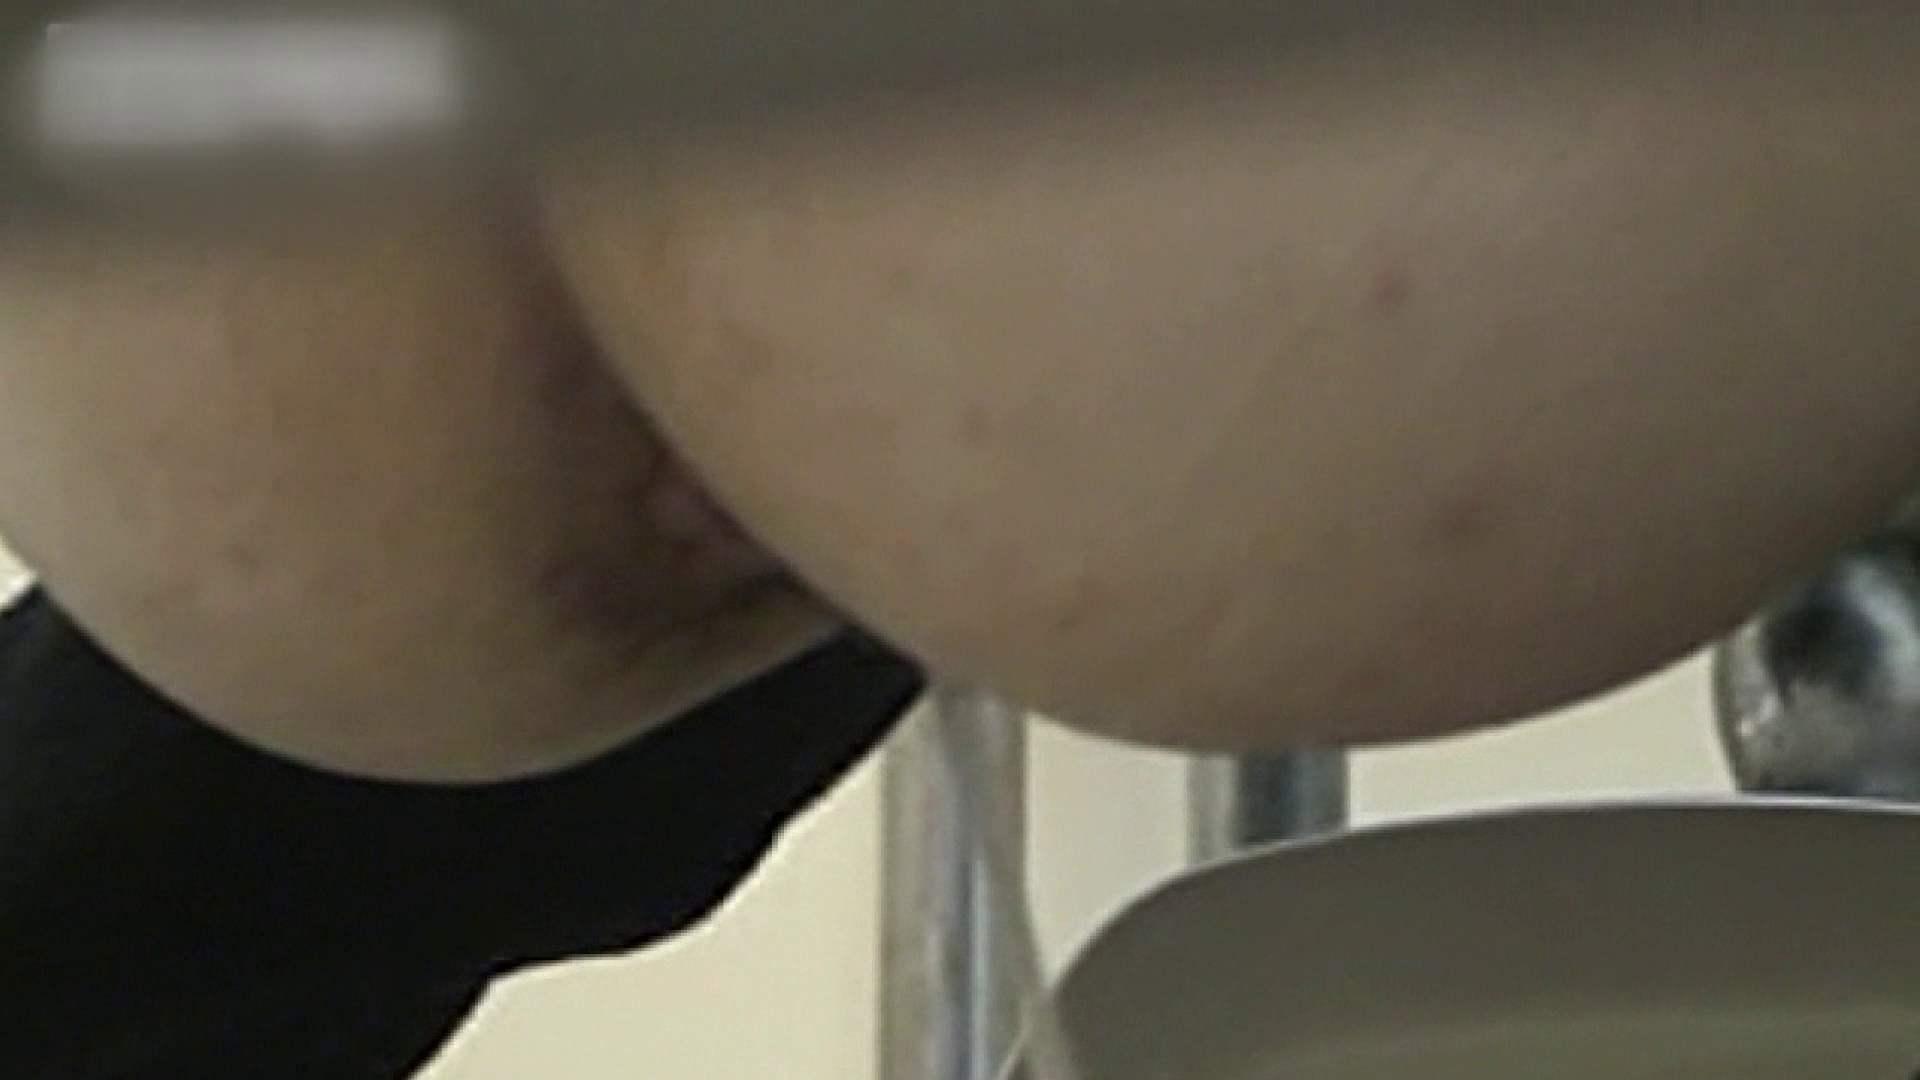 ロックハンドさんの盗撮記録File.57 マンコ・ムレムレ SEX無修正画像 79pic 35